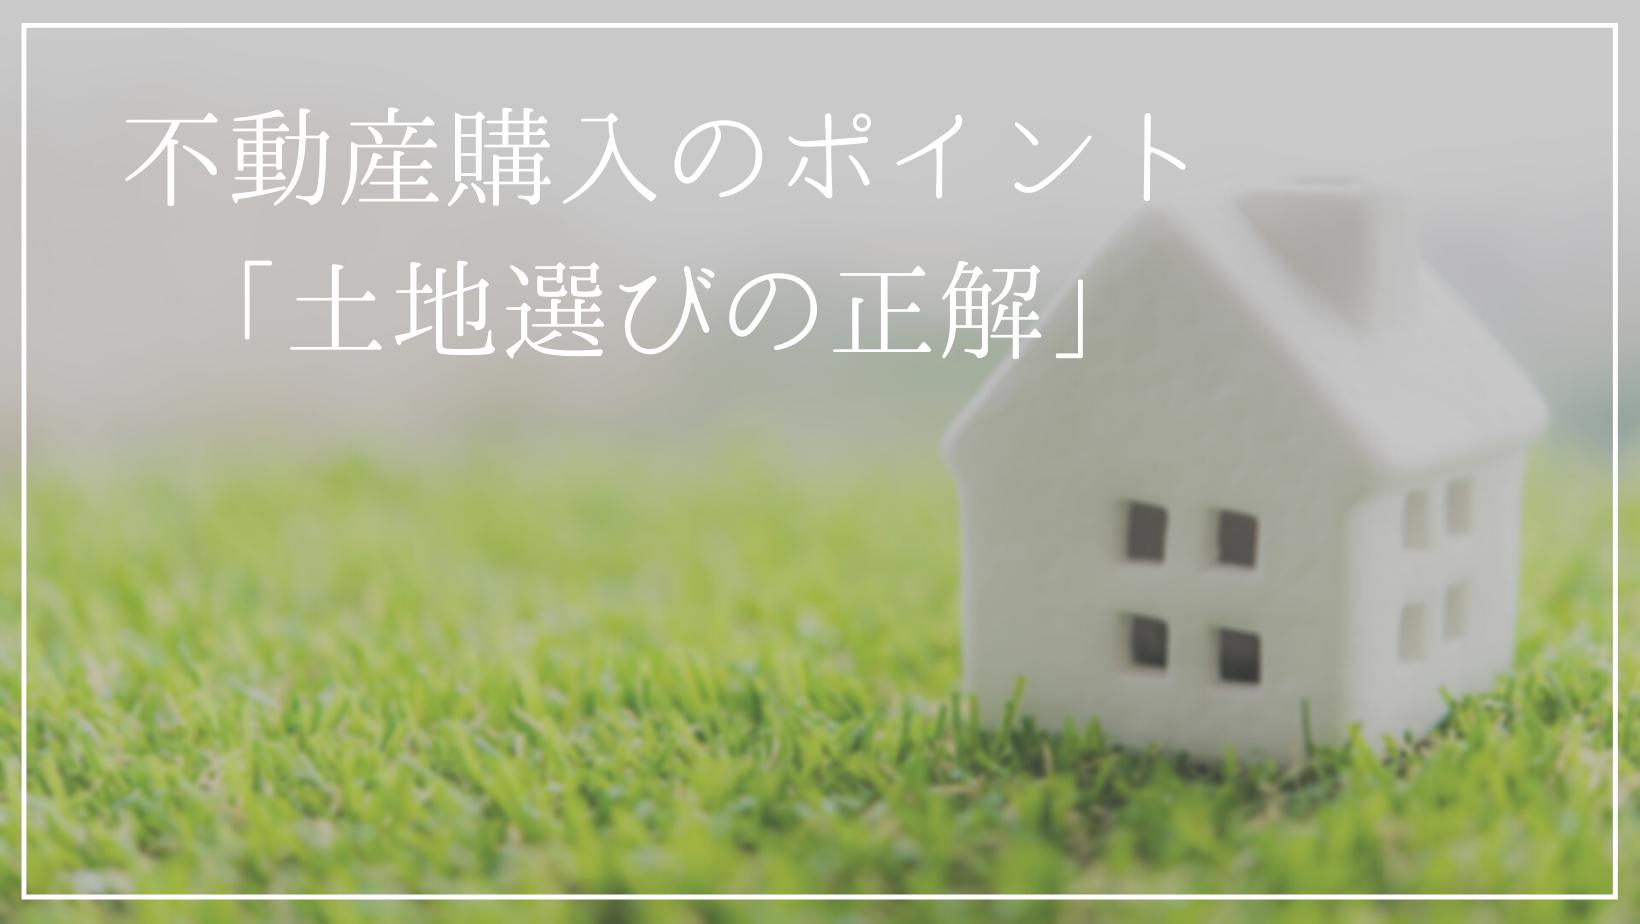 不動産購入のポイント「土地選びの正解」